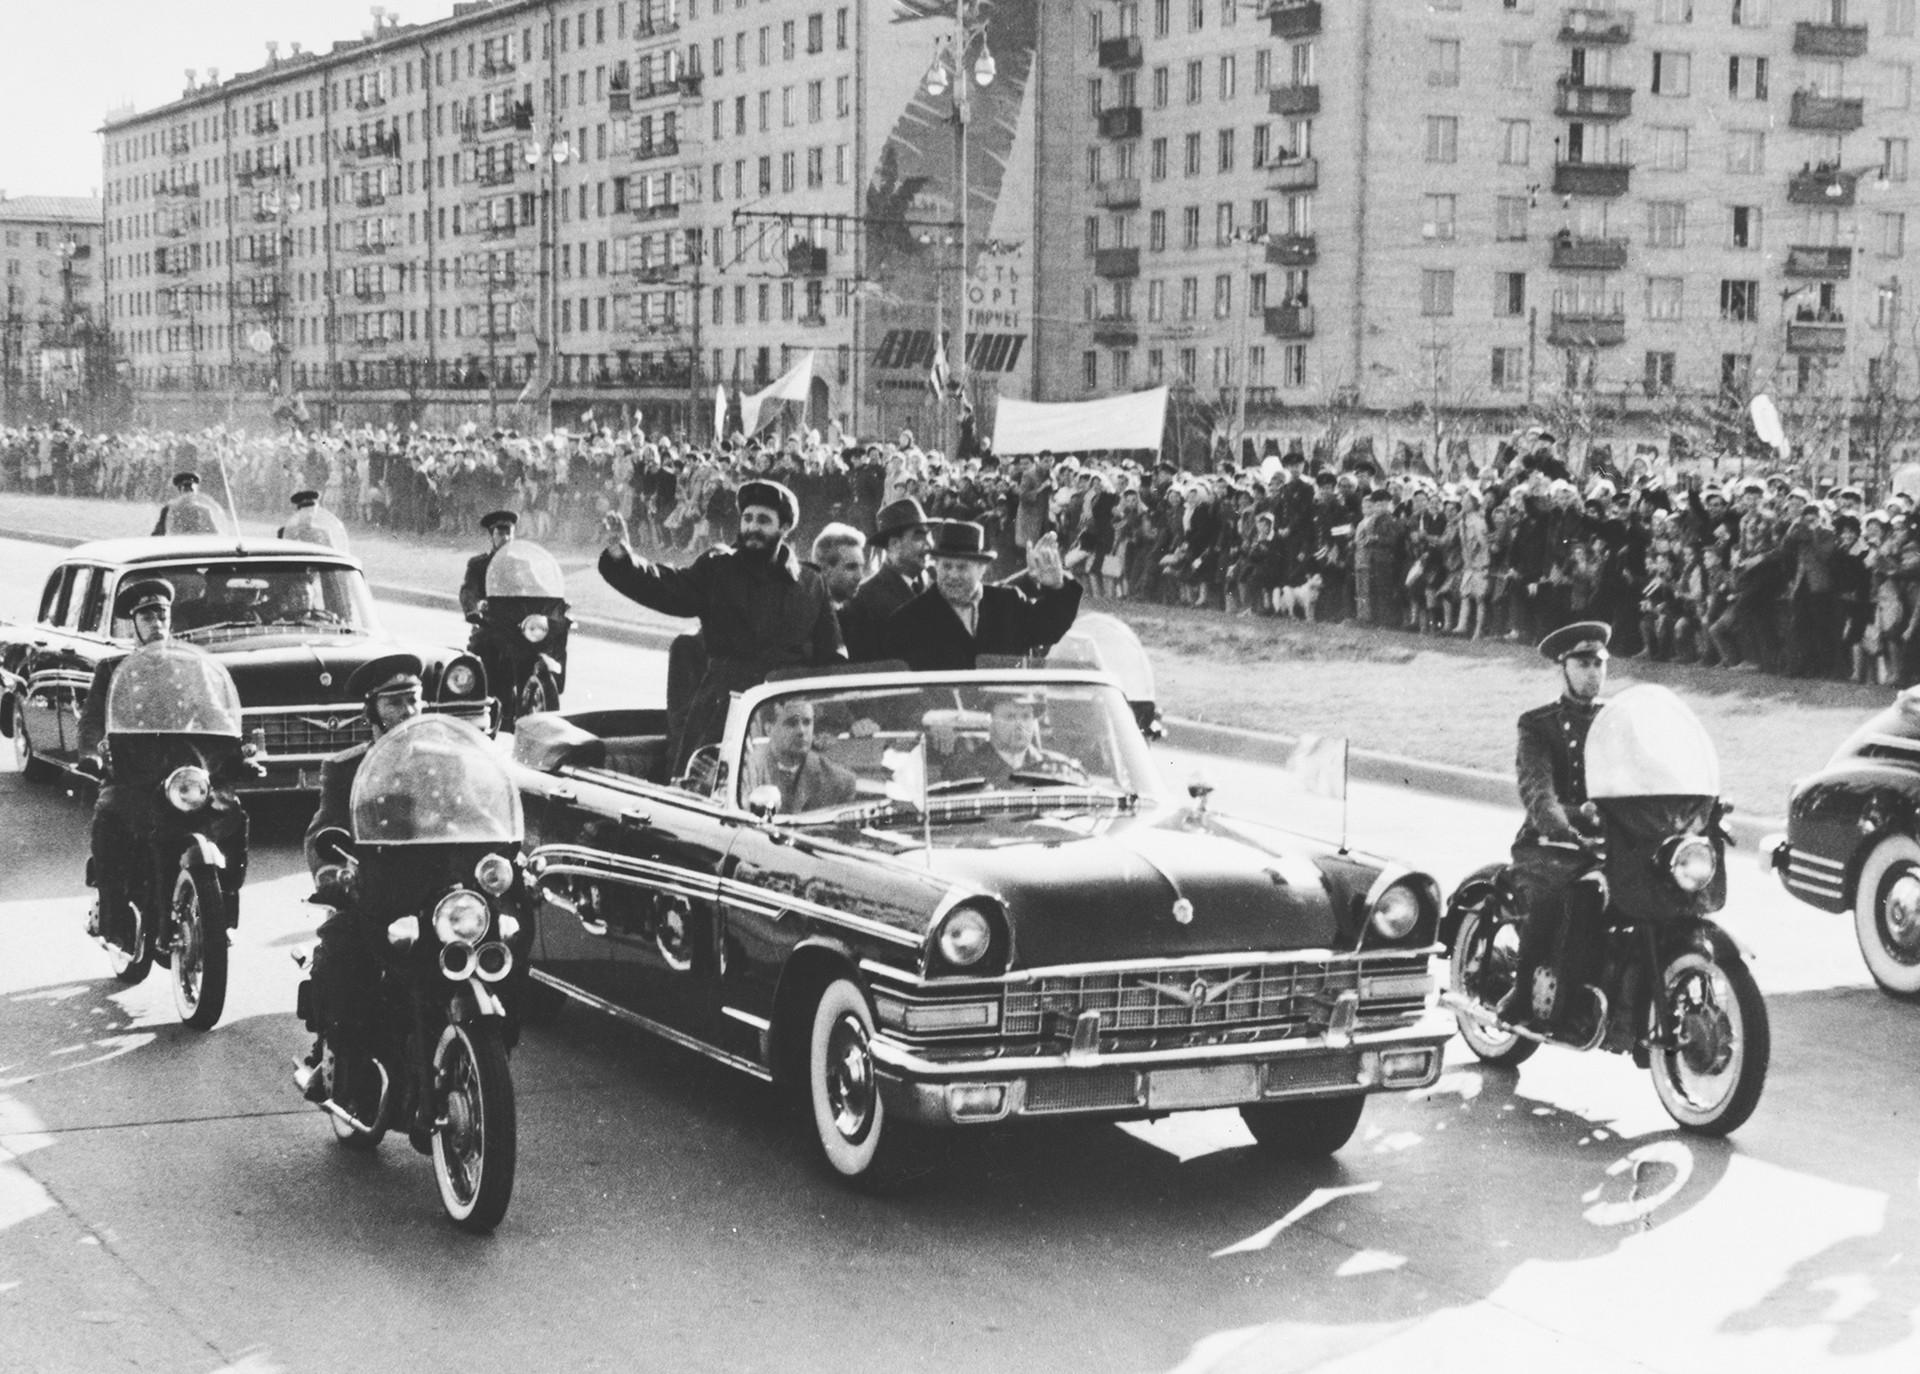 Nikita Jrushchov y Fidel Castro en un ZiL-111, 1963.